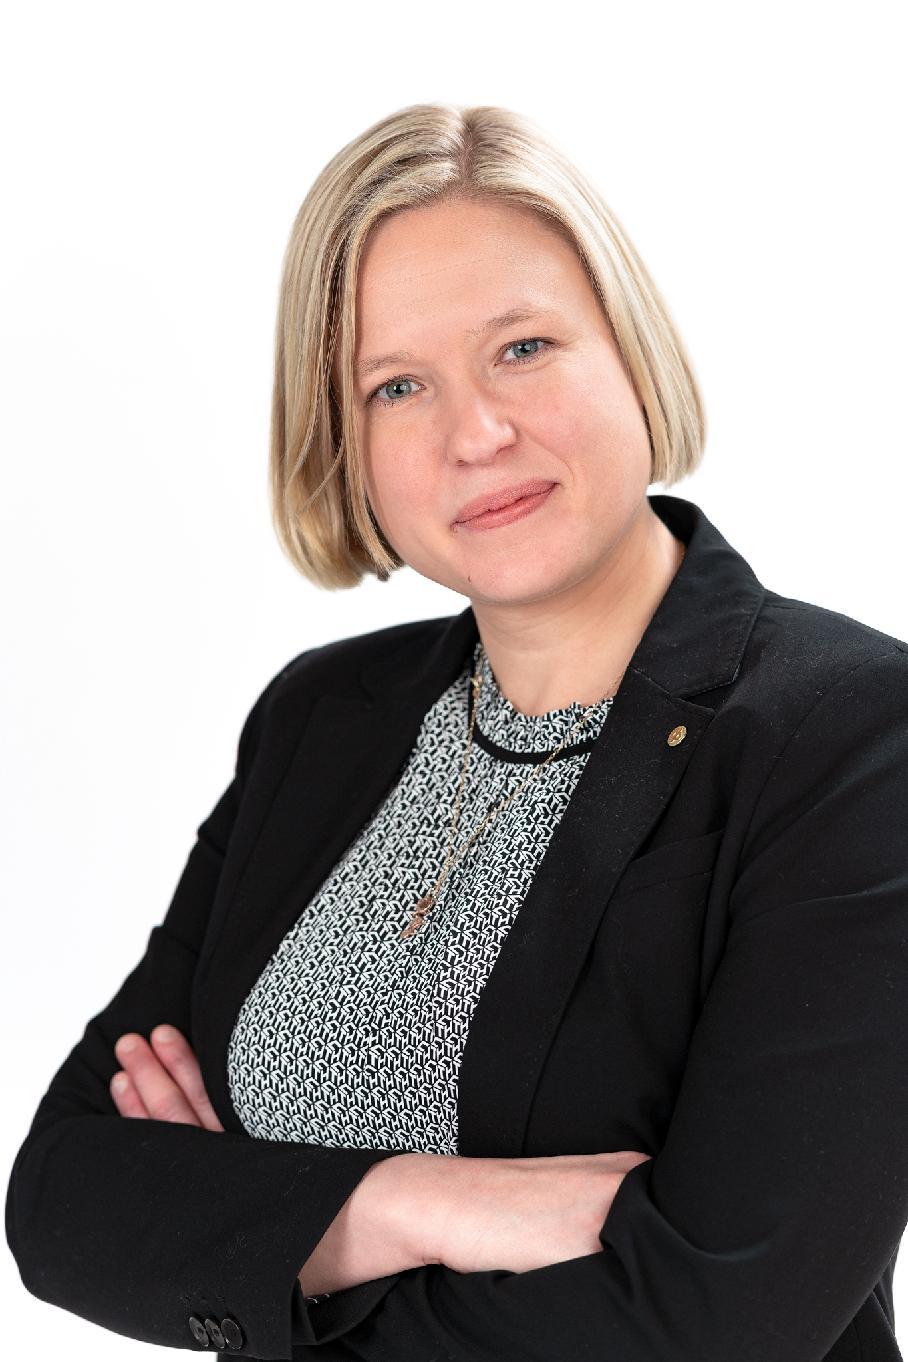 Susanna Holmgård  kontaktuppgift sparande placeringar andelsbanken raseborg yhteystiedot osuuspankki raasepori säästäminen sijoittaminen